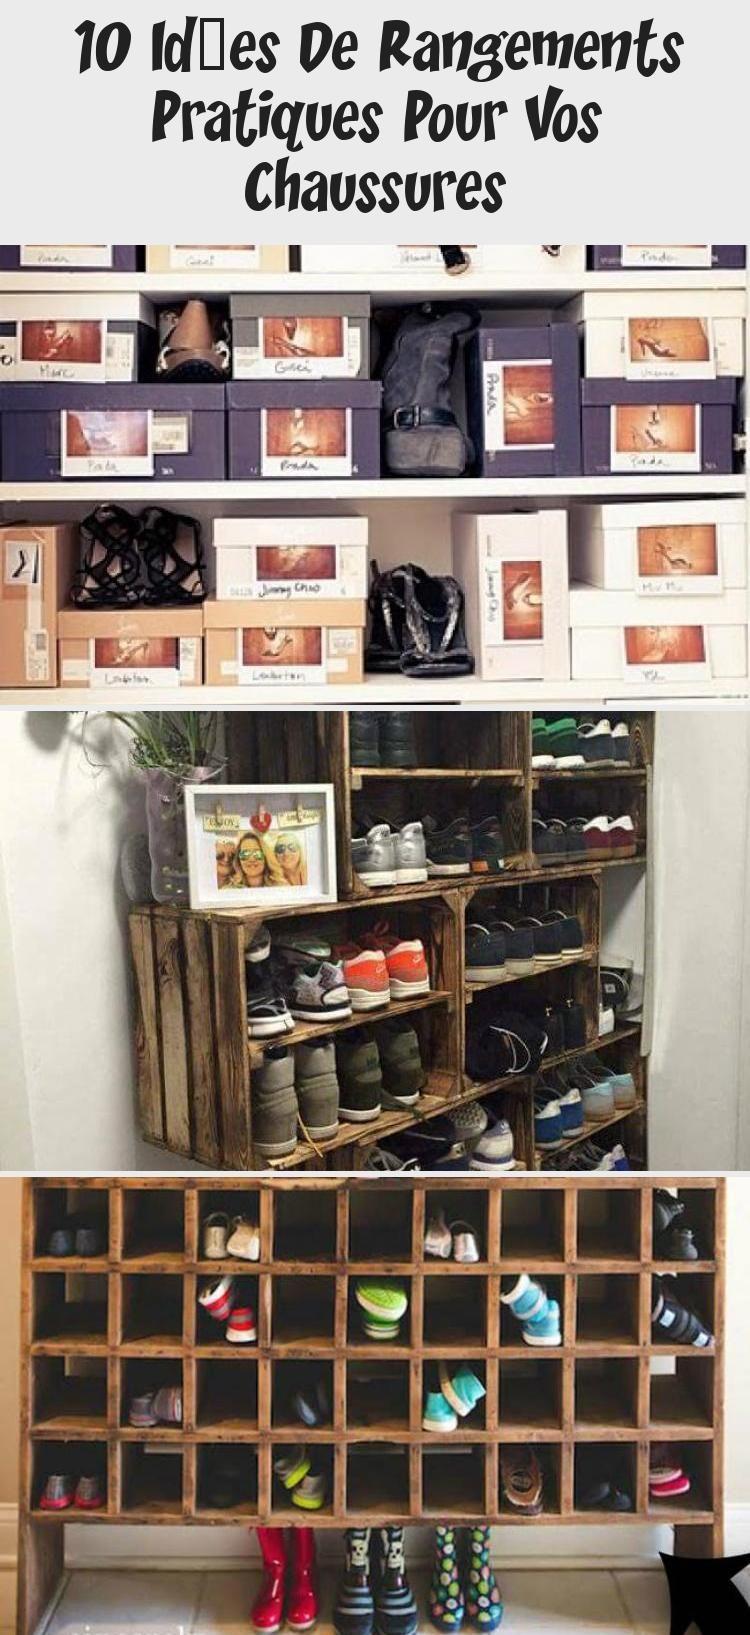 10 Idées De Rangements Pratiques Pour Vos Chaussures - Décoration in 2020 | Shoe rack, Wine rack ...